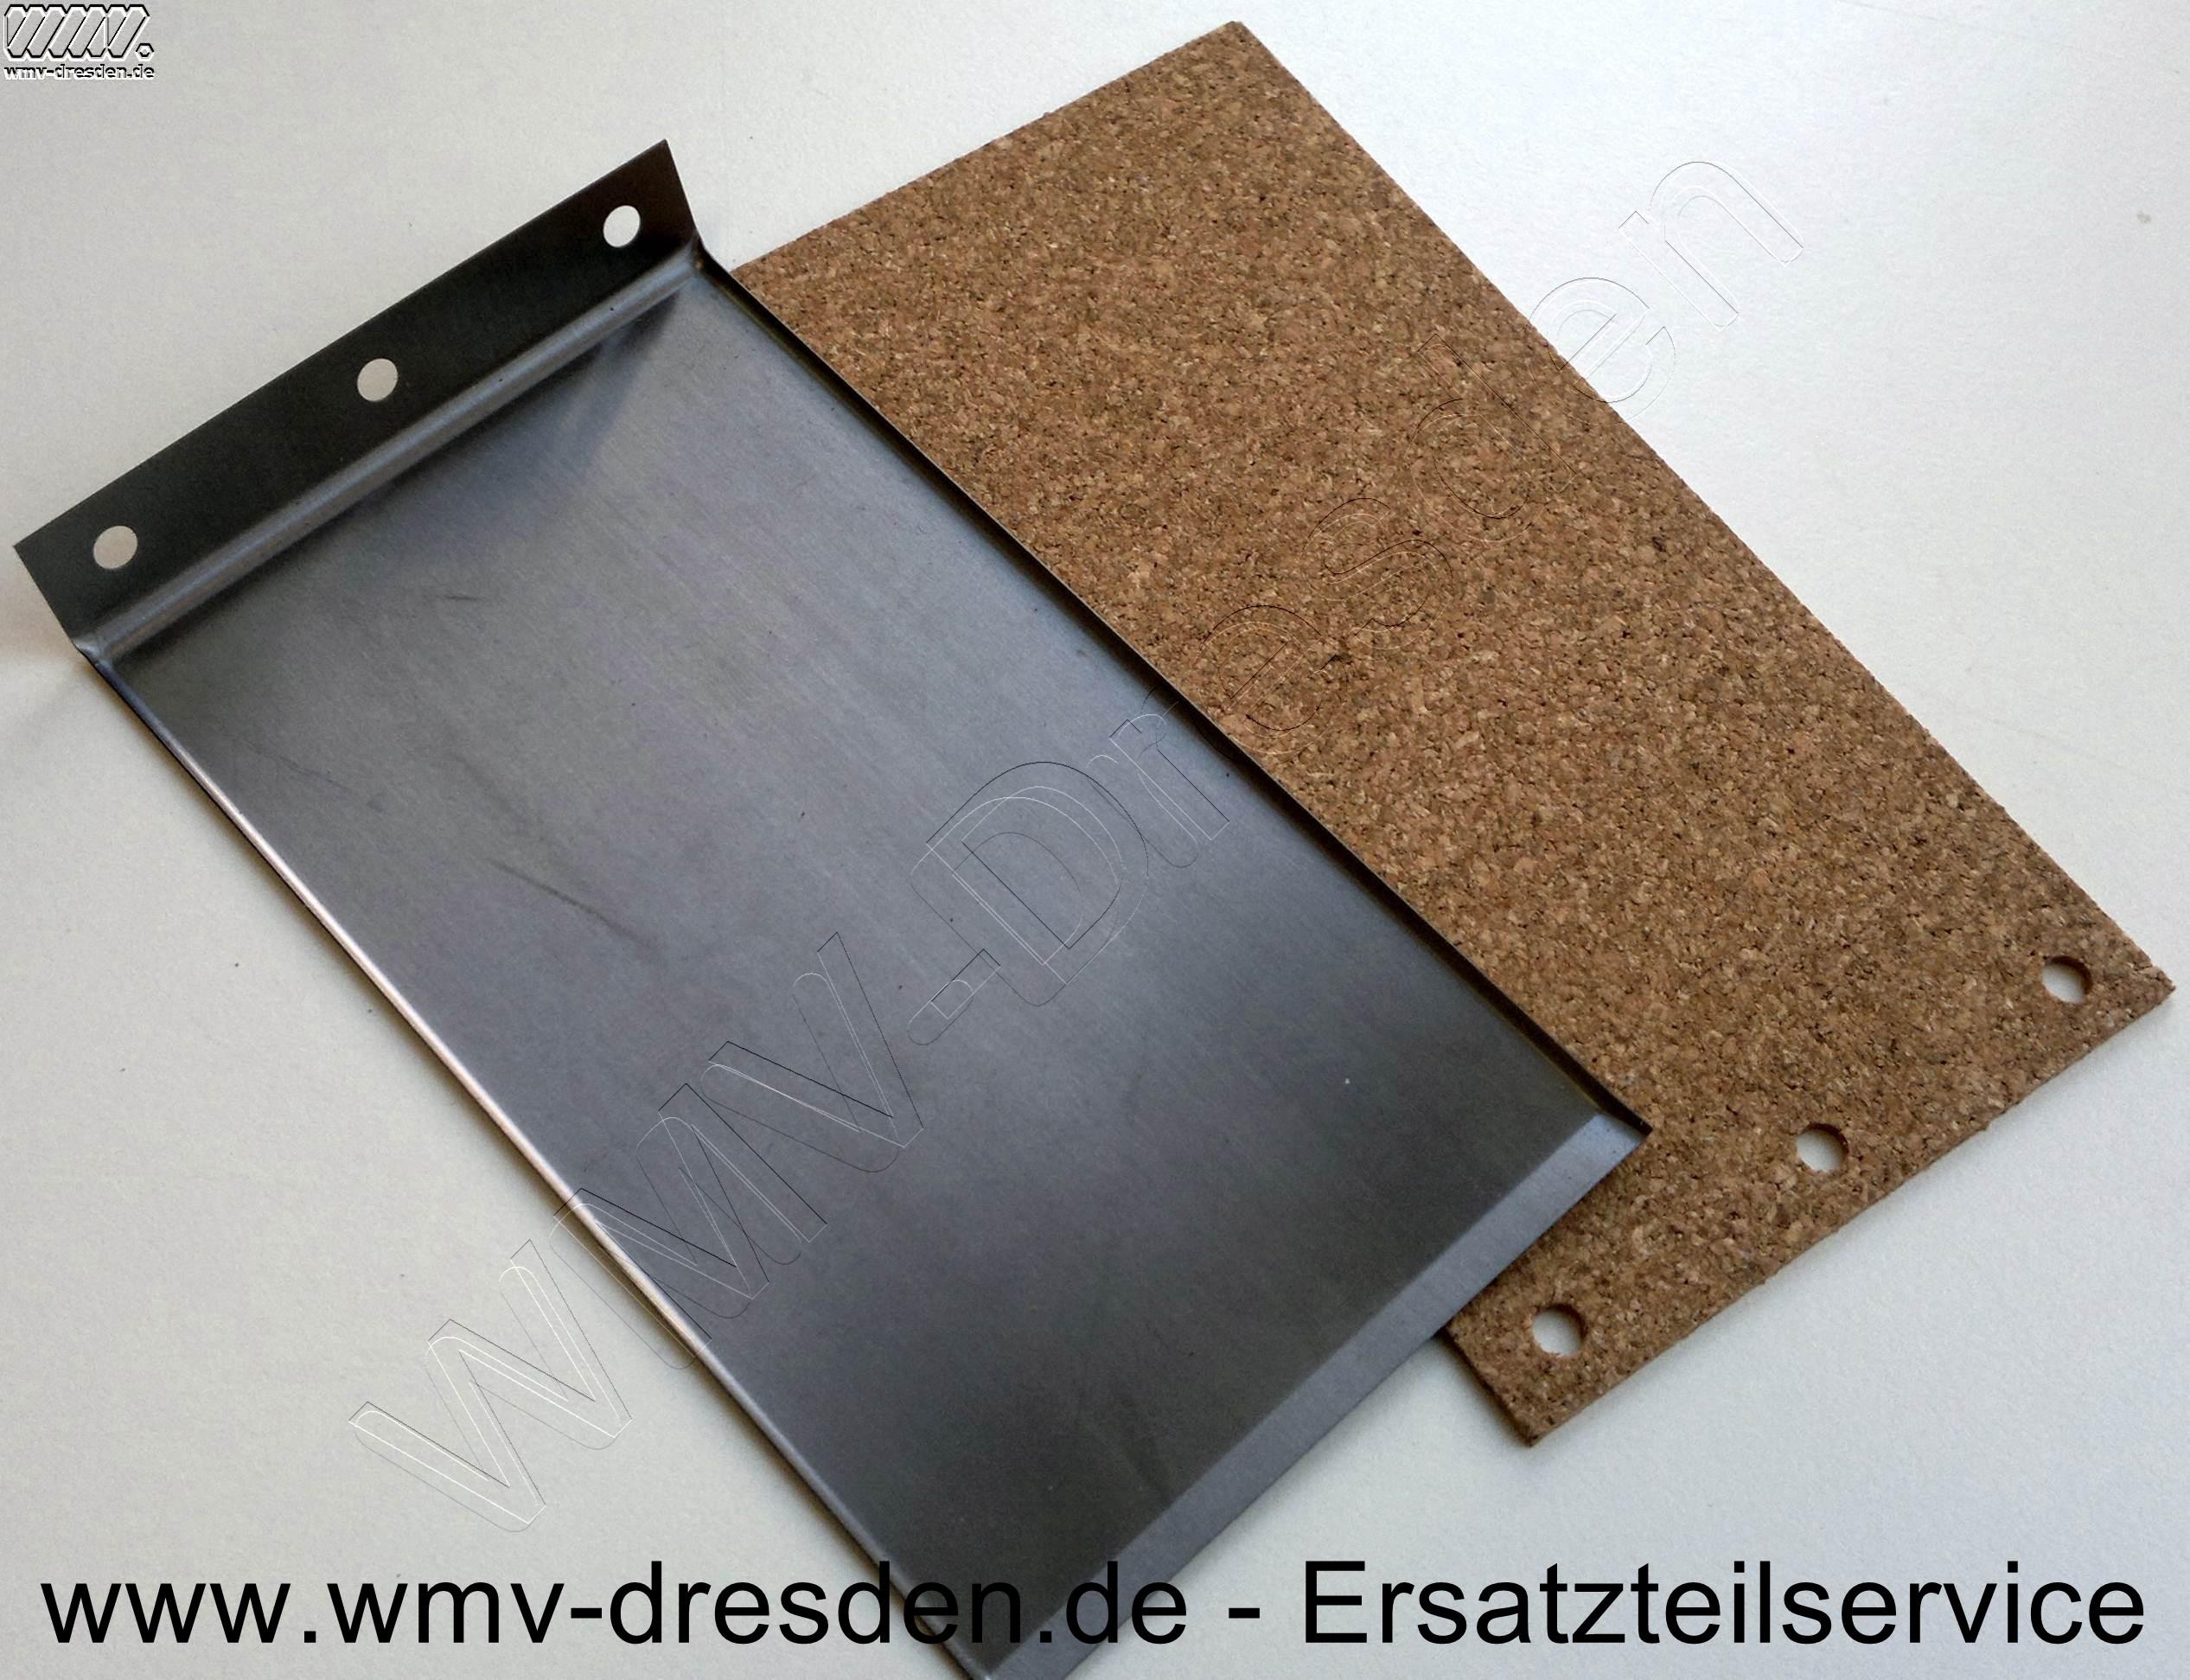 Schleifunterlage-Set ( 1 Metallplatte und 1 Korkplatte )  >>150 mm x 77 mm, an einer Stirnseite 3 Befestigungslöcher <<<